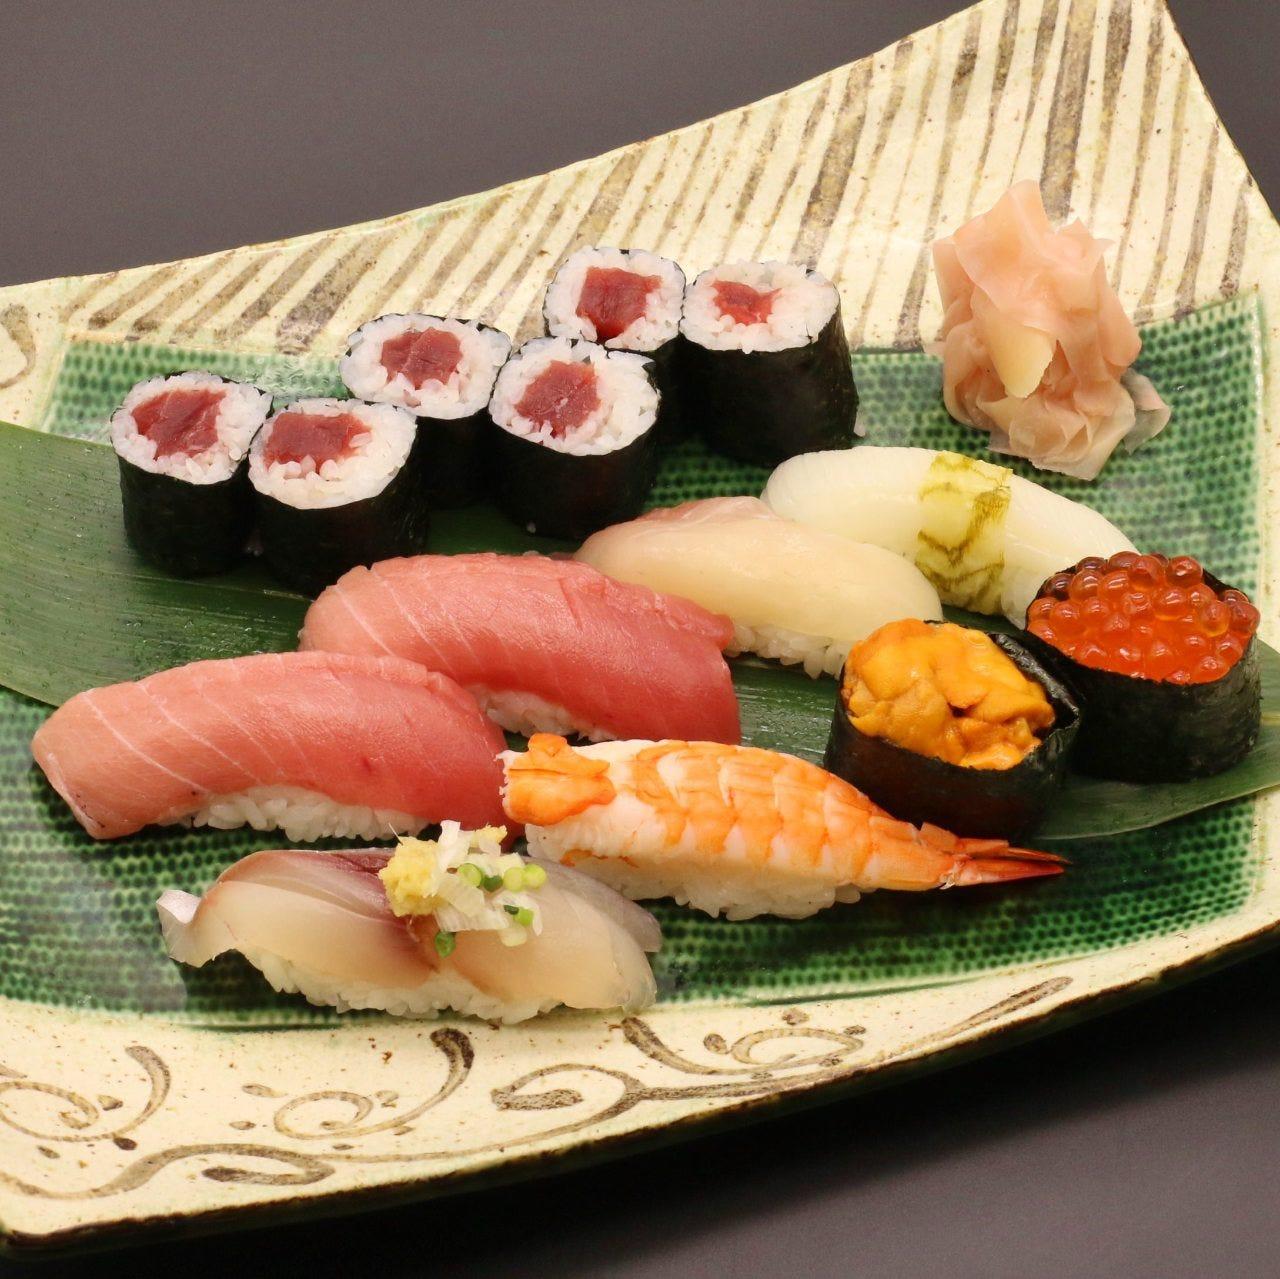 新鮮な厳選のネタを楽しめる寿司